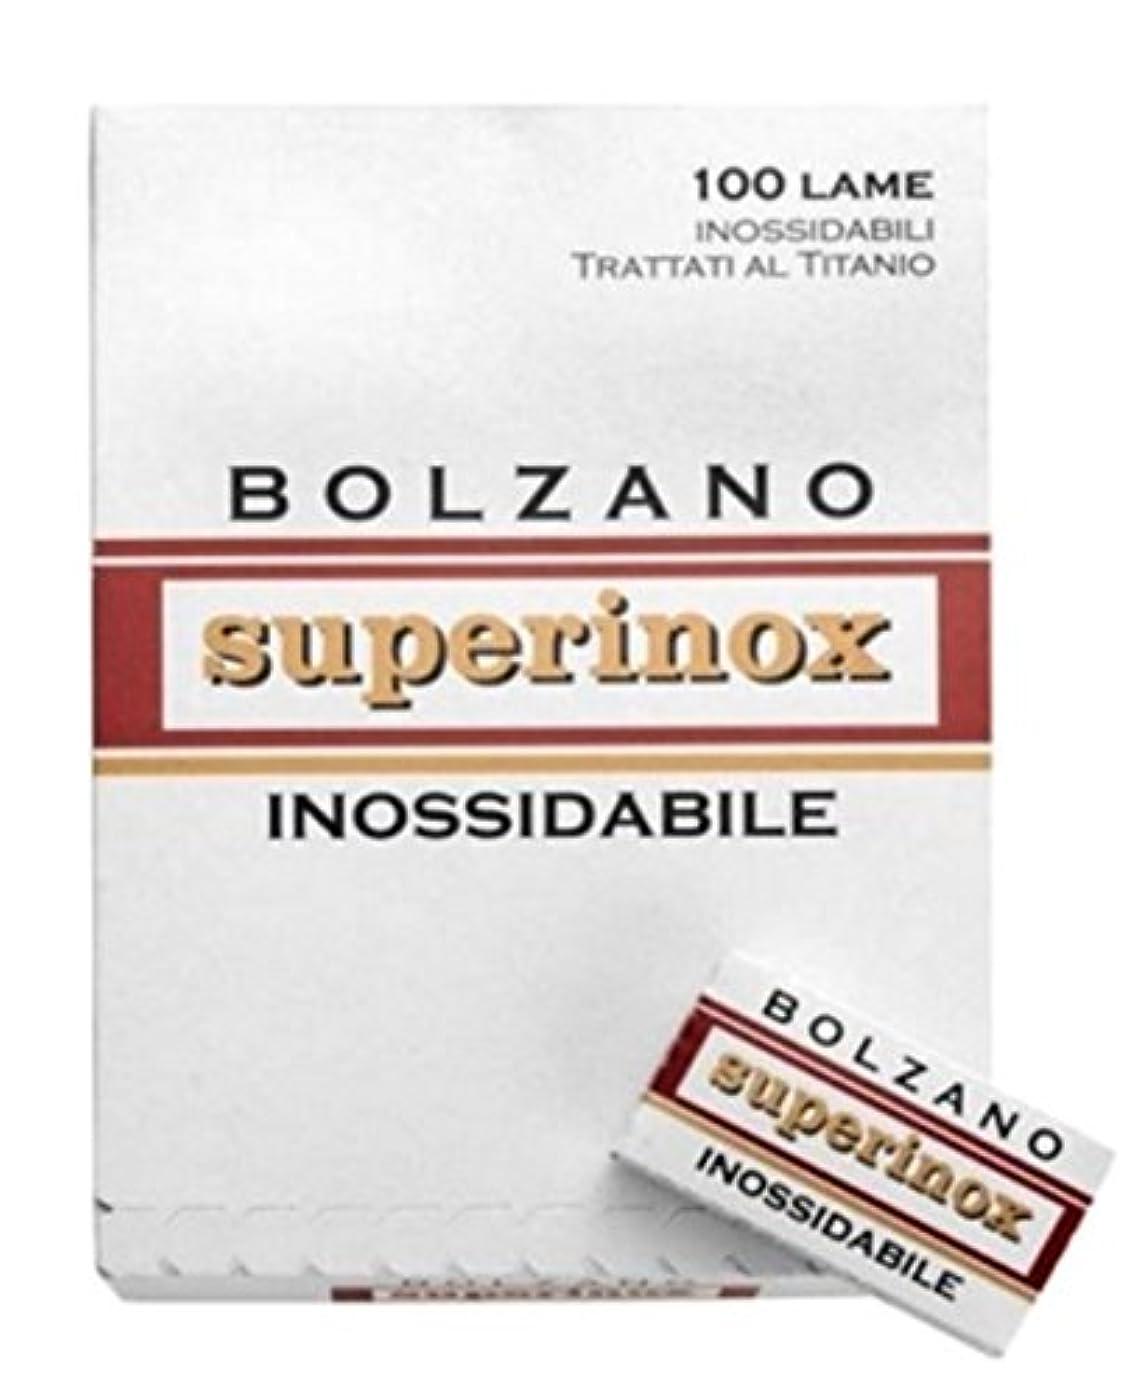 原子炉または大型トラックBolzano Superinox Inossidabile 両刃替刃 100枚入り(5枚入り20 個セット)【並行輸入品】